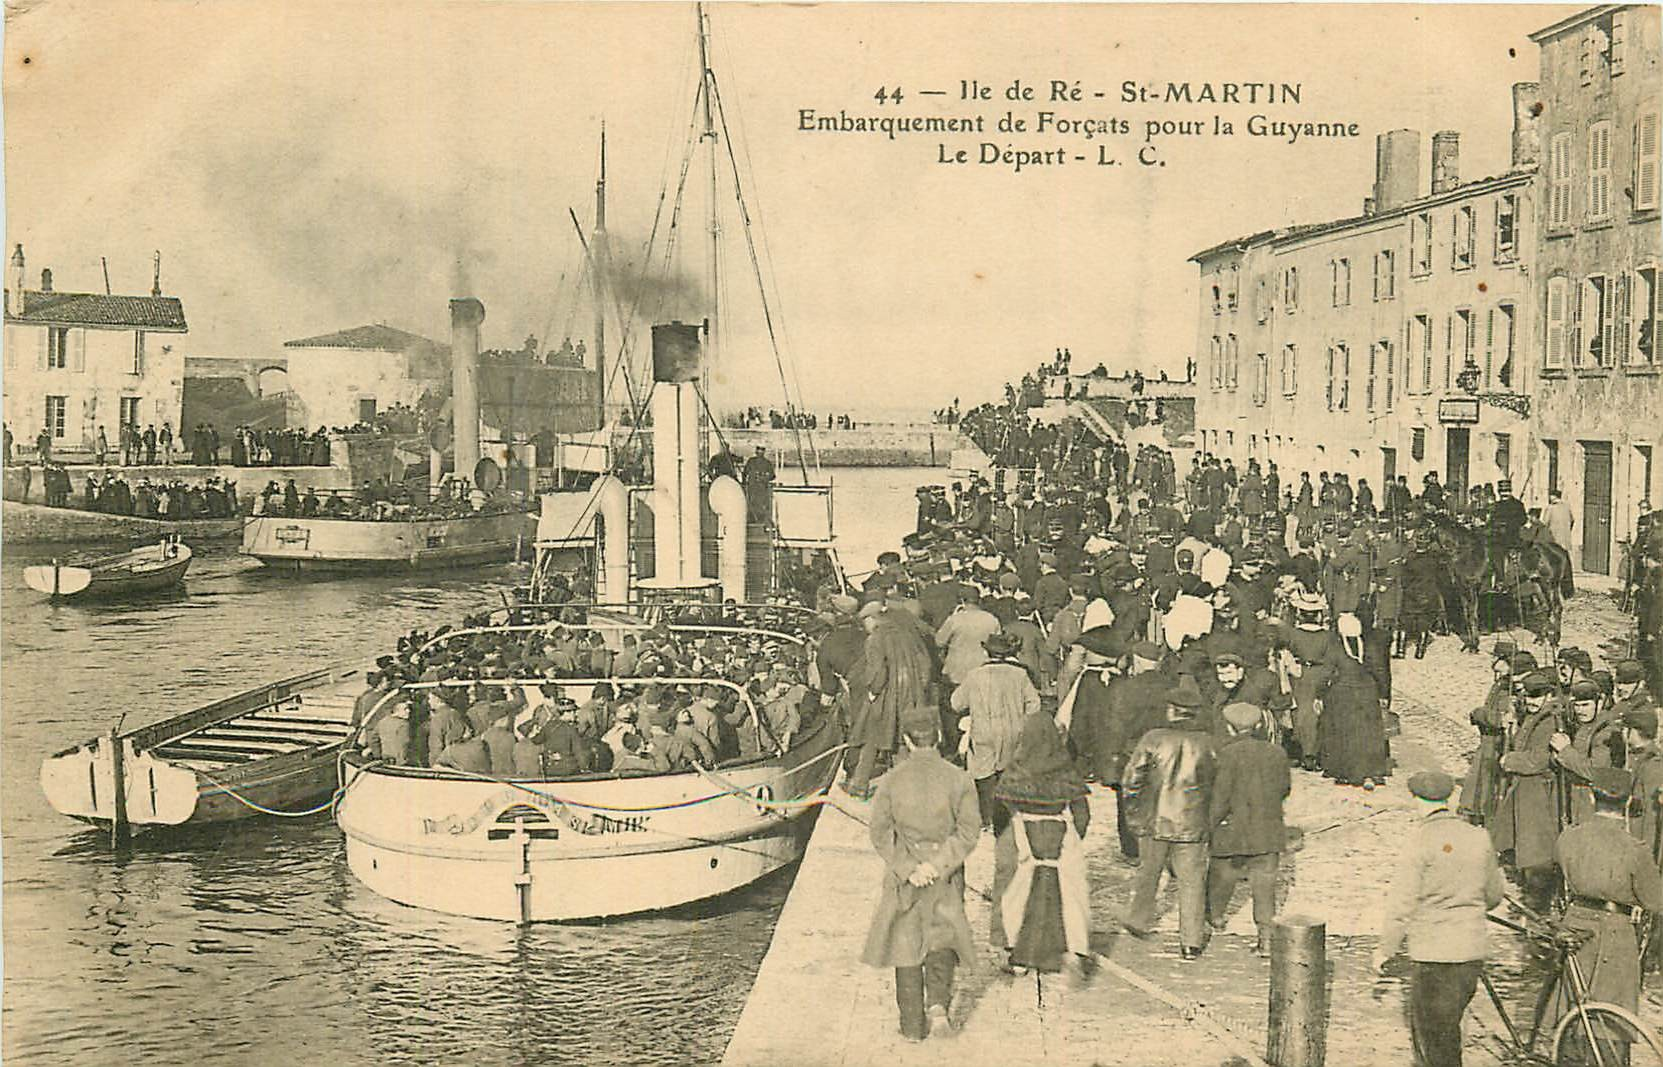 17 SAINT-MARTIN-DE-RE. Embarquement de Forçats pour la Guyane. Le départ